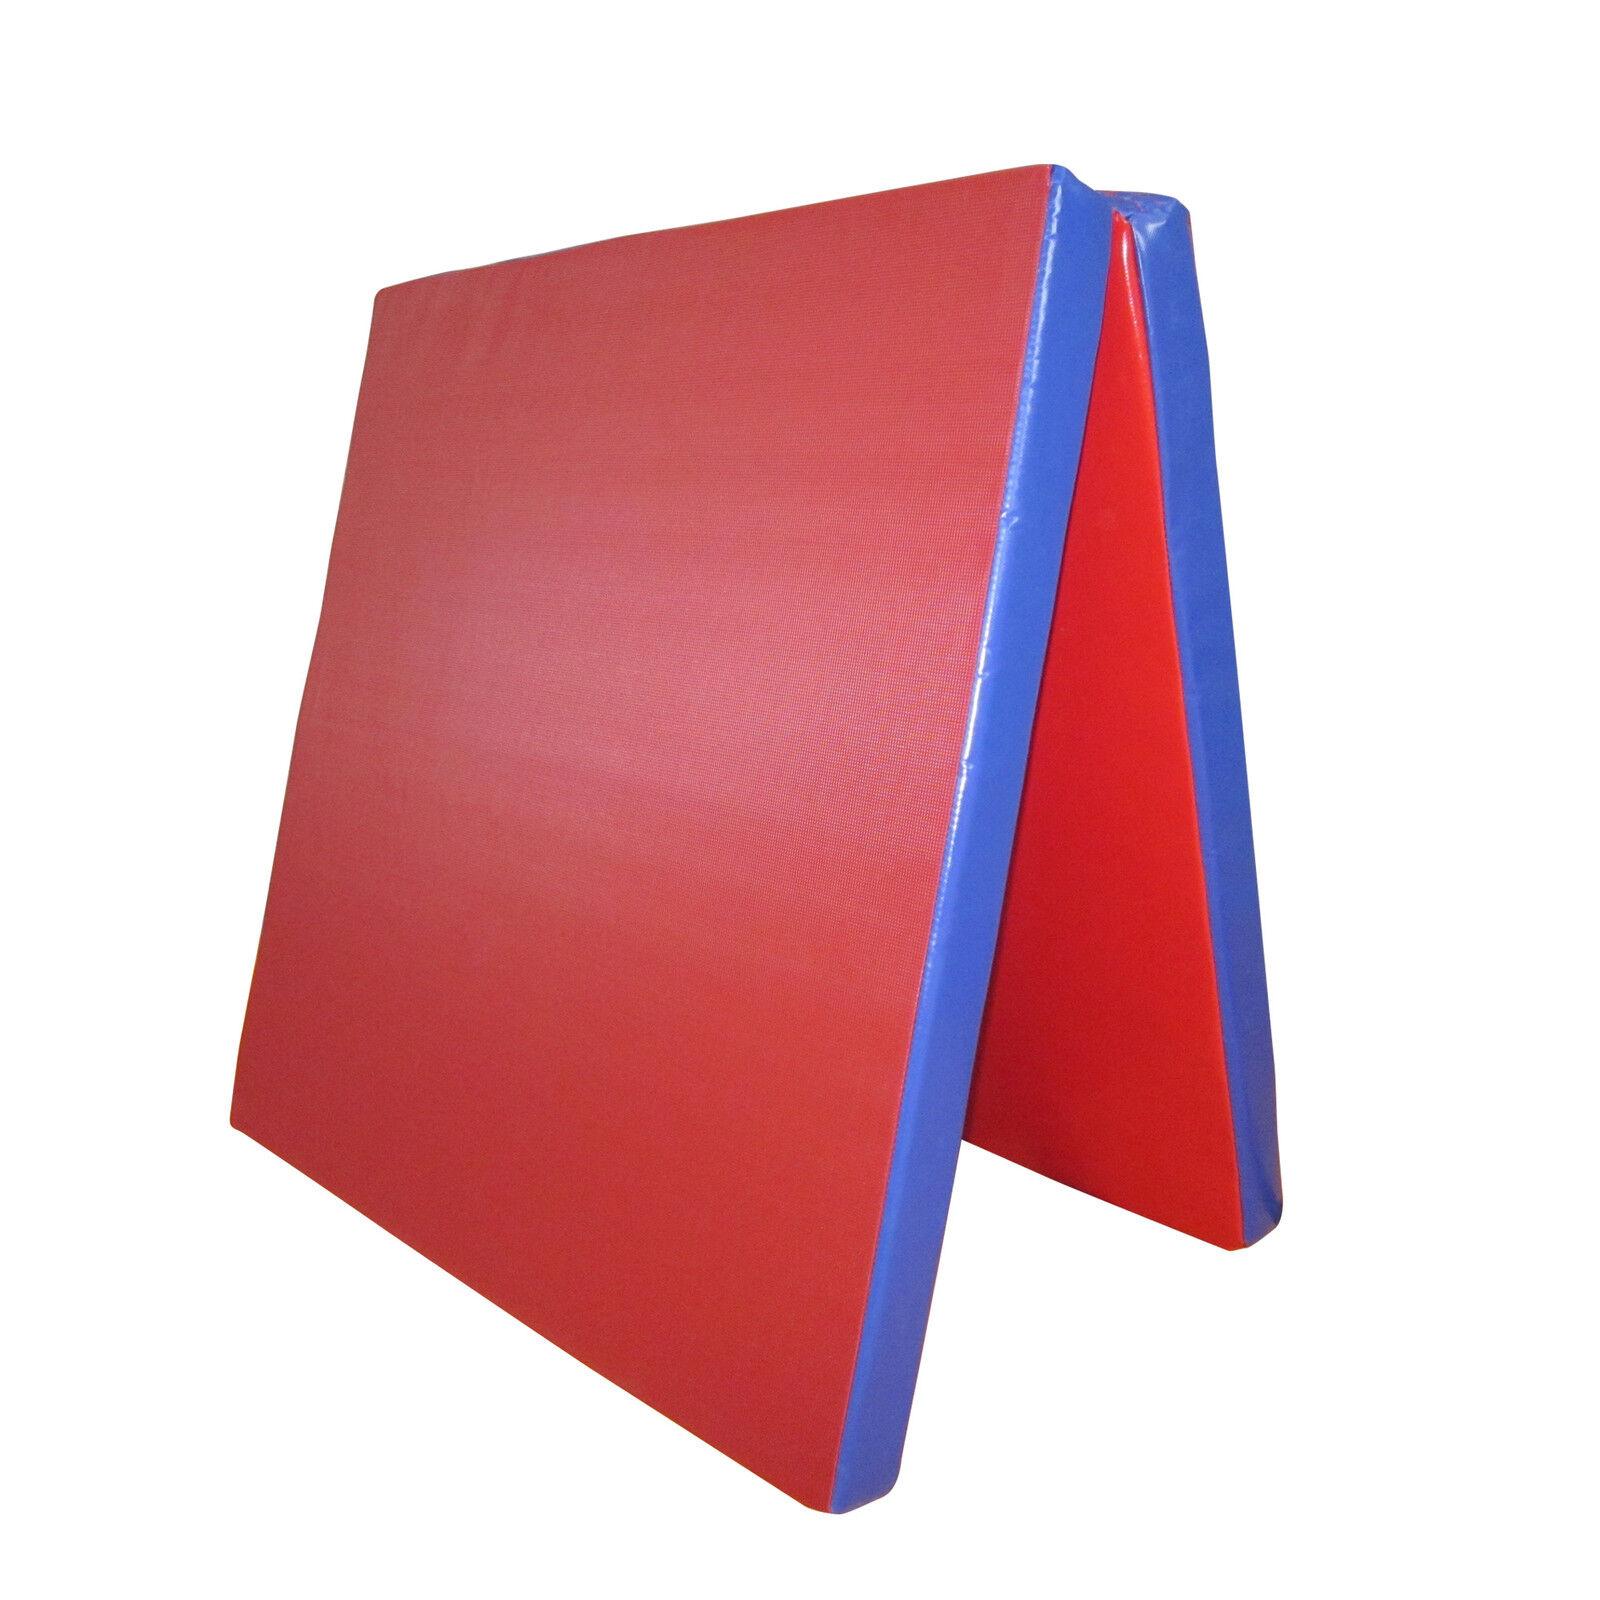 Grevinga® VITAL klappbare Turnmatte | ROT-BLAU 200 x 100 x 6 cm RG 22 (138246-)